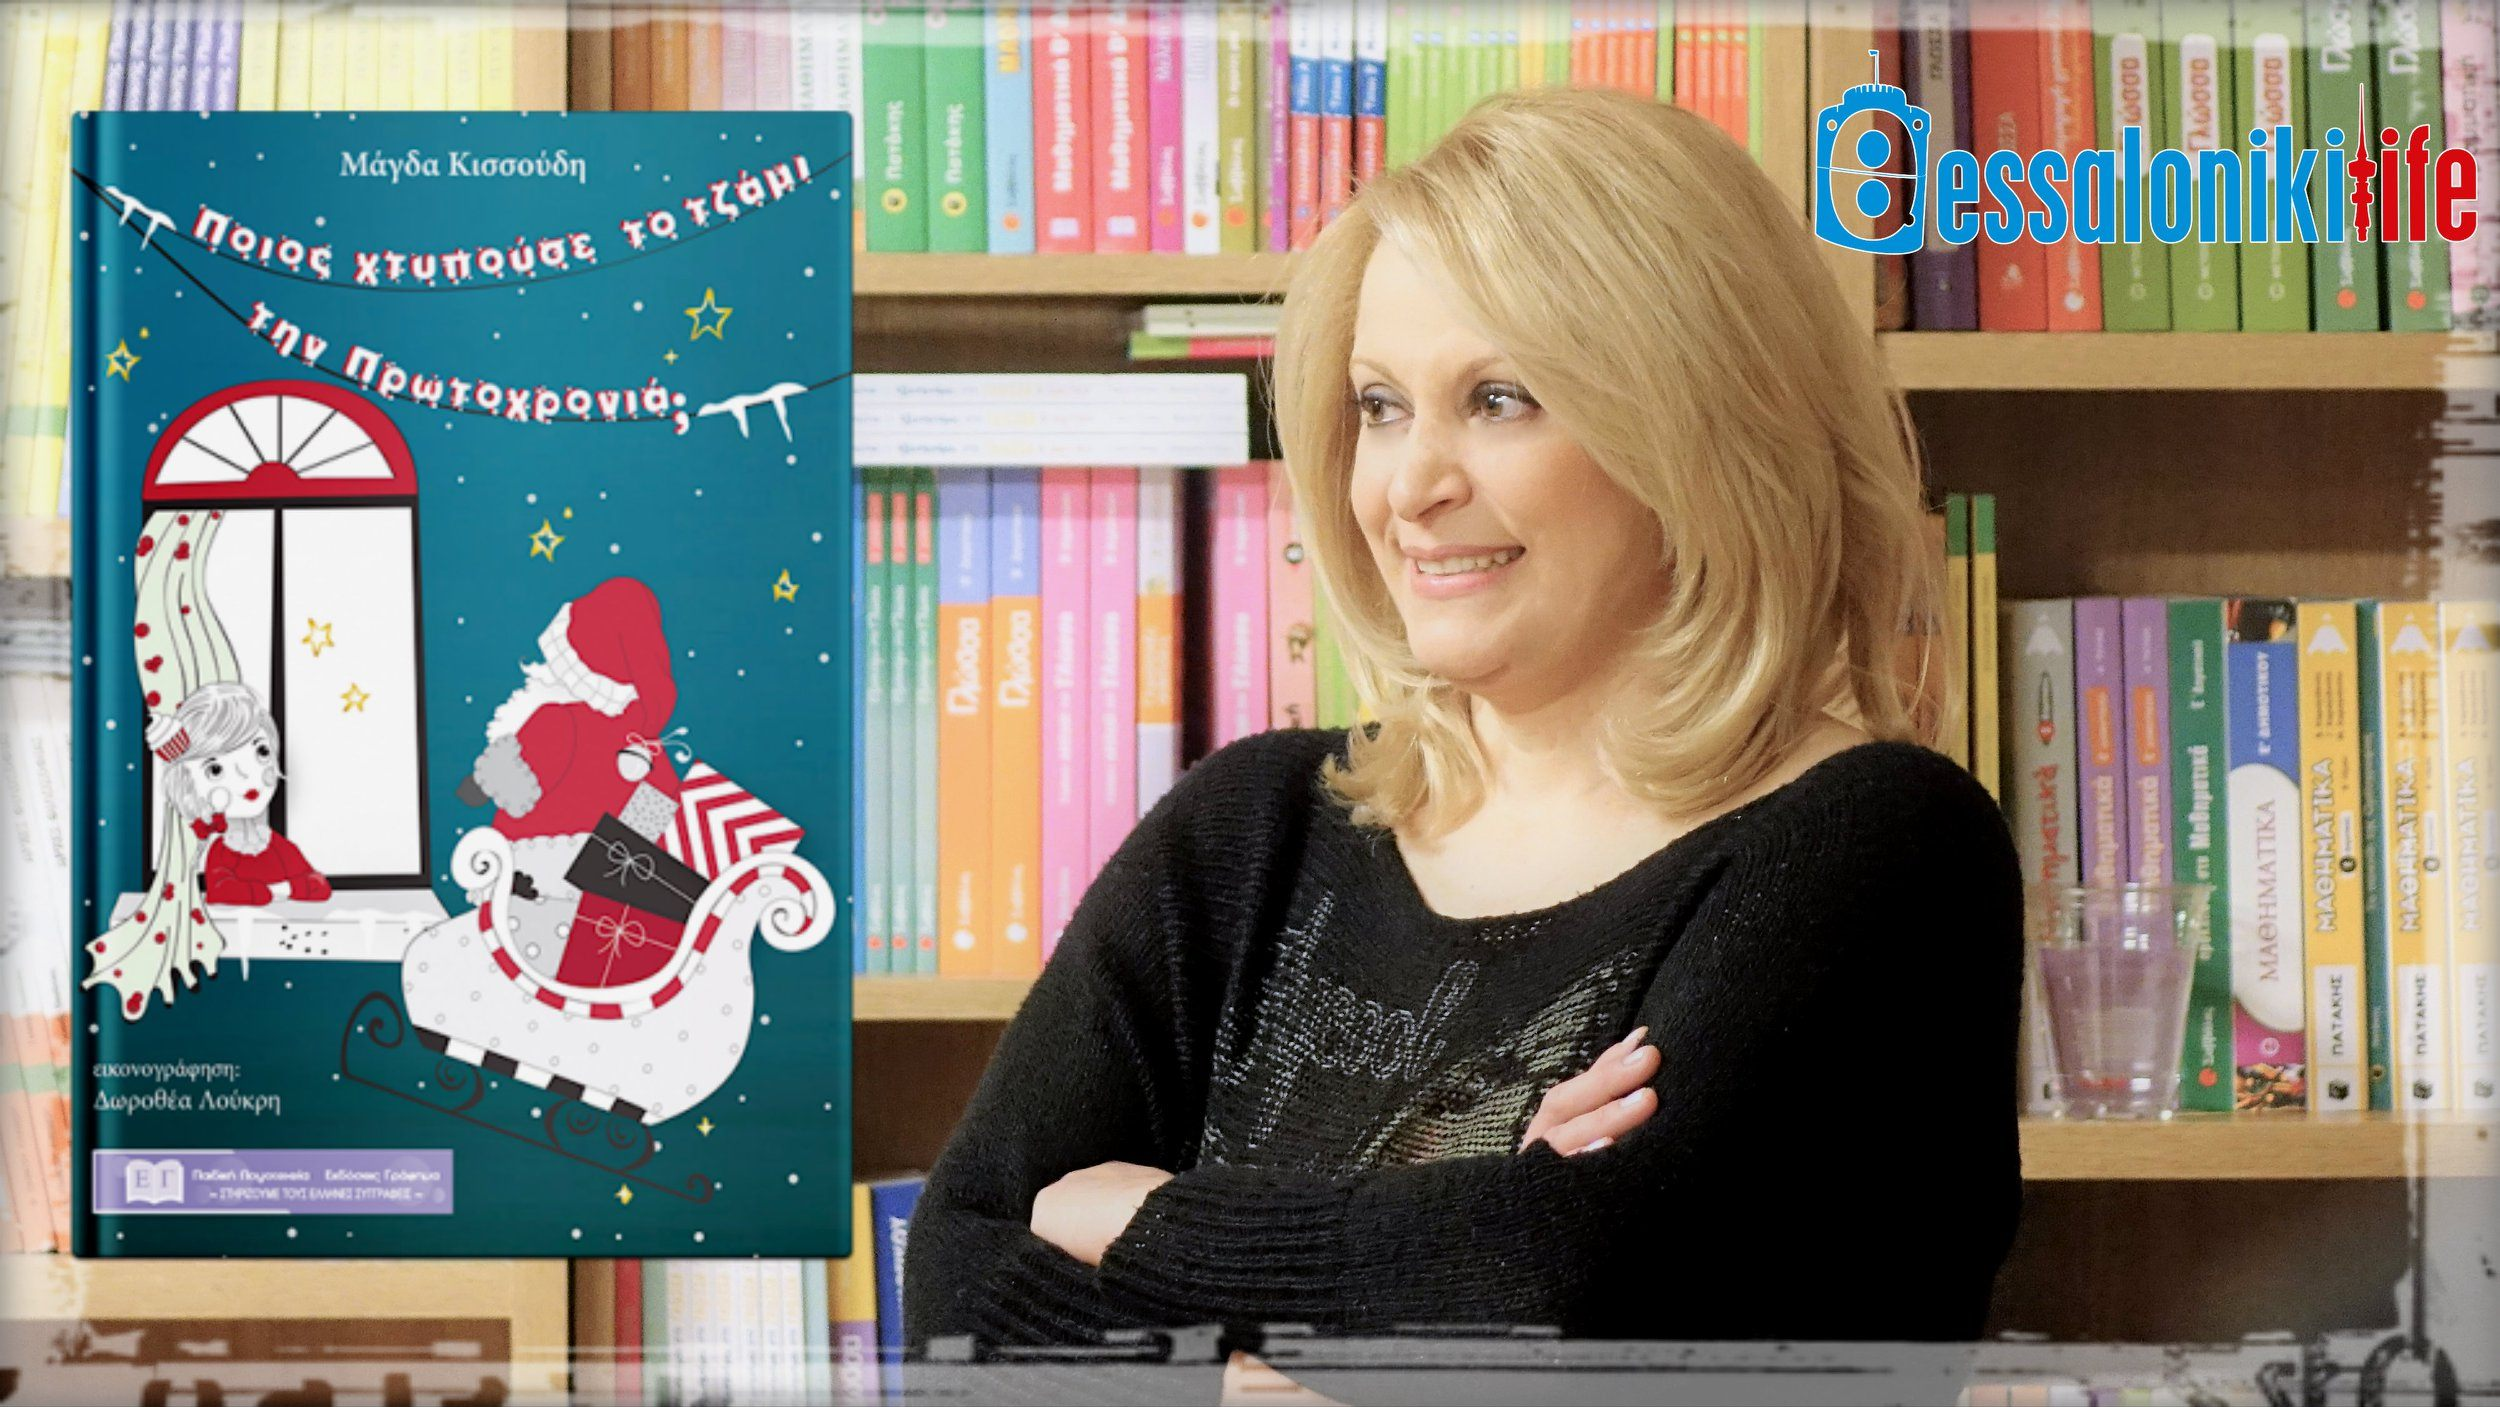 «Ποιος χτυπούσε το τζάμι την Πρωτοχρονιά;» το παιδικό μυθιστόρημα της Μάγδας Κισσούδη